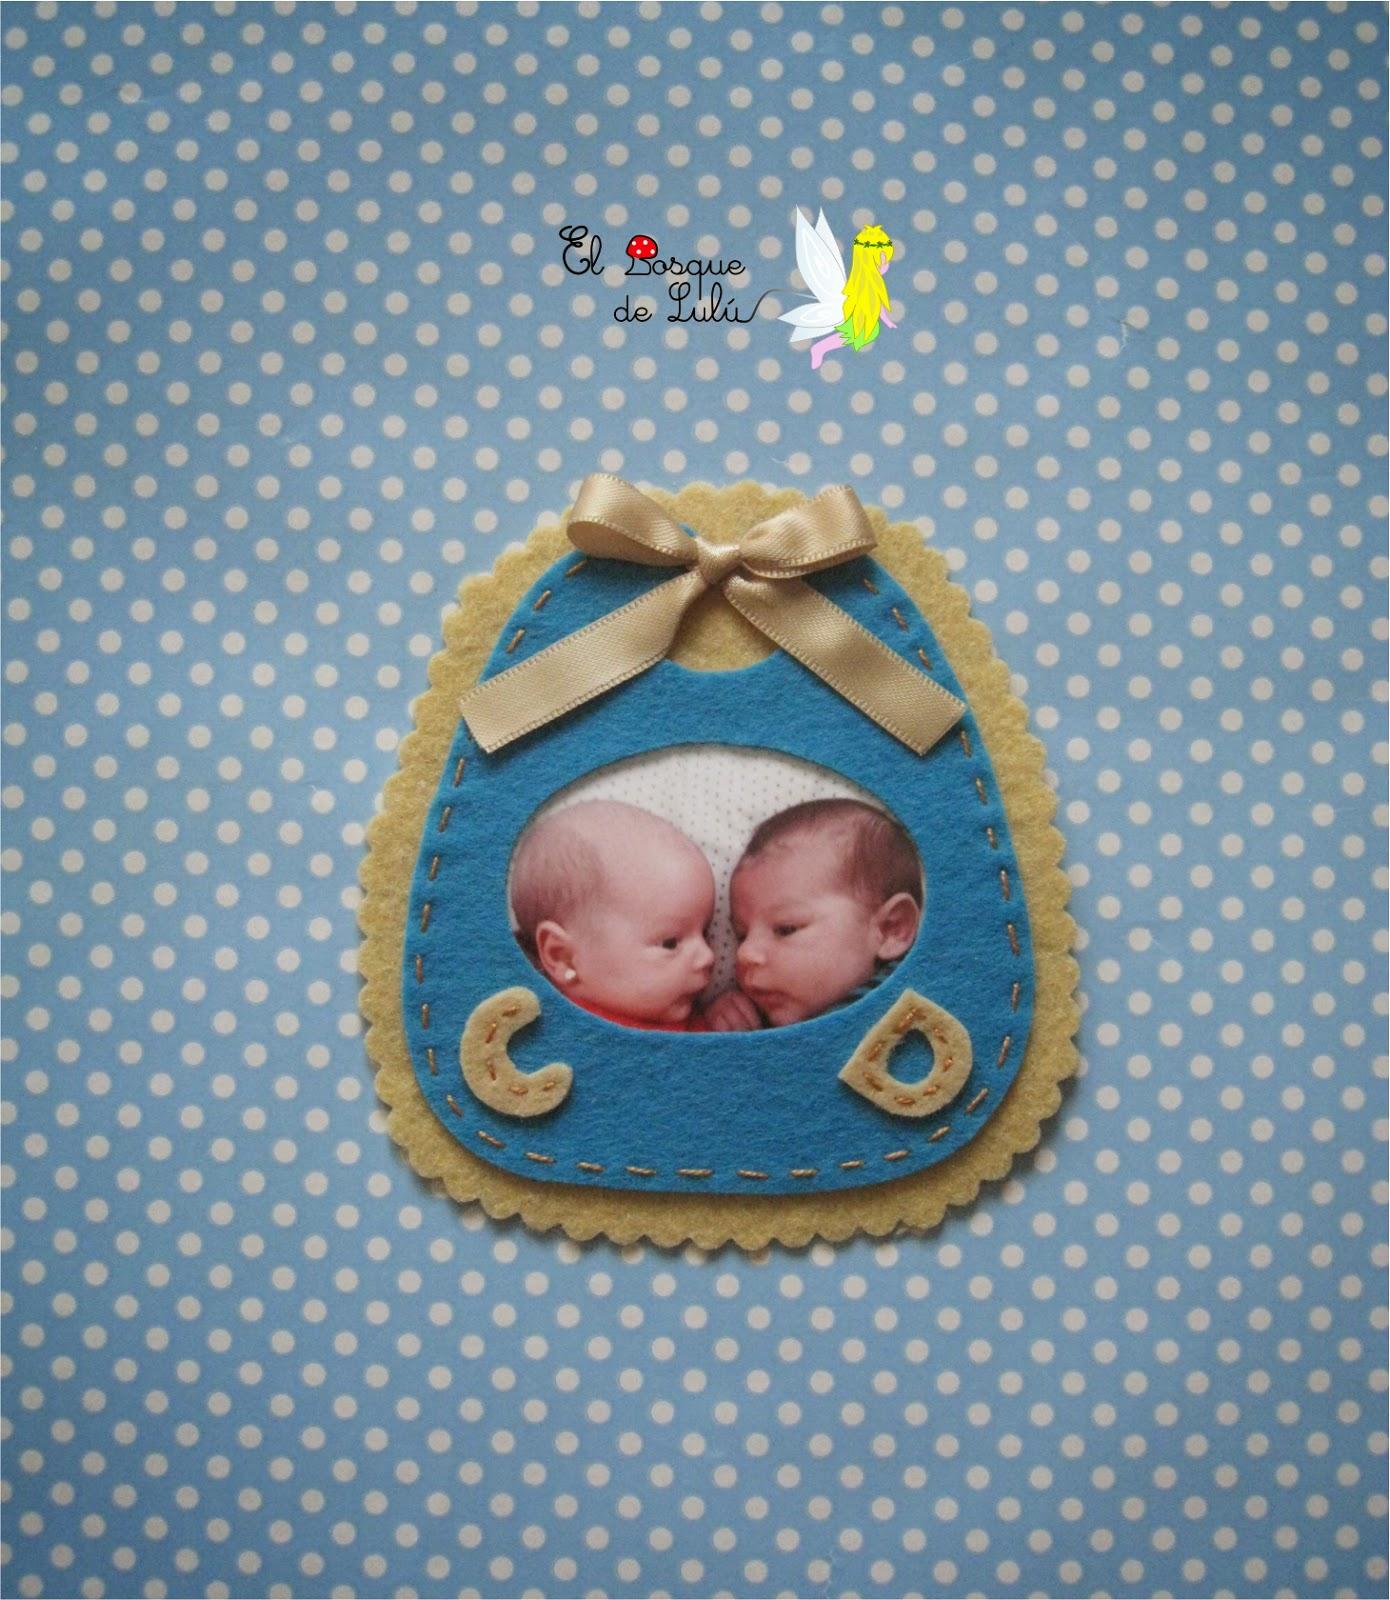 detalles-para-invitados-de-bautizo-regalitos-personalizados-bebe-babero-iman-portafoto